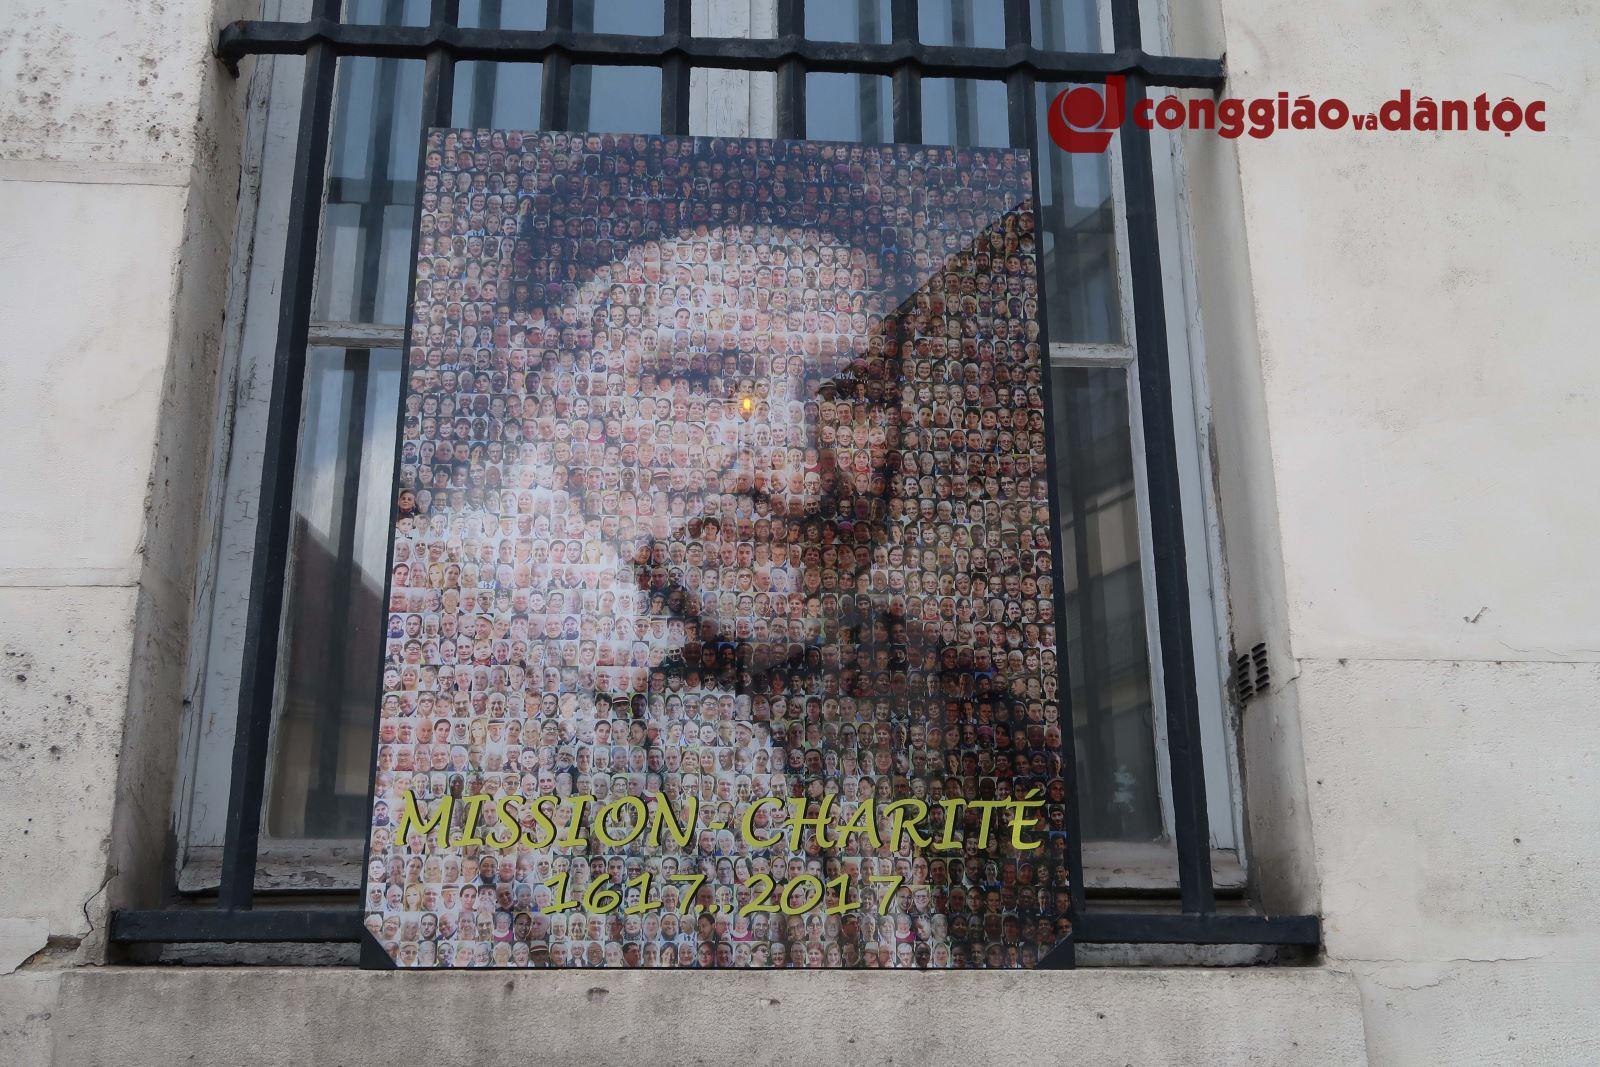 Viếng di hài thánh Vinh sơn Phaolô tại Paris - 6